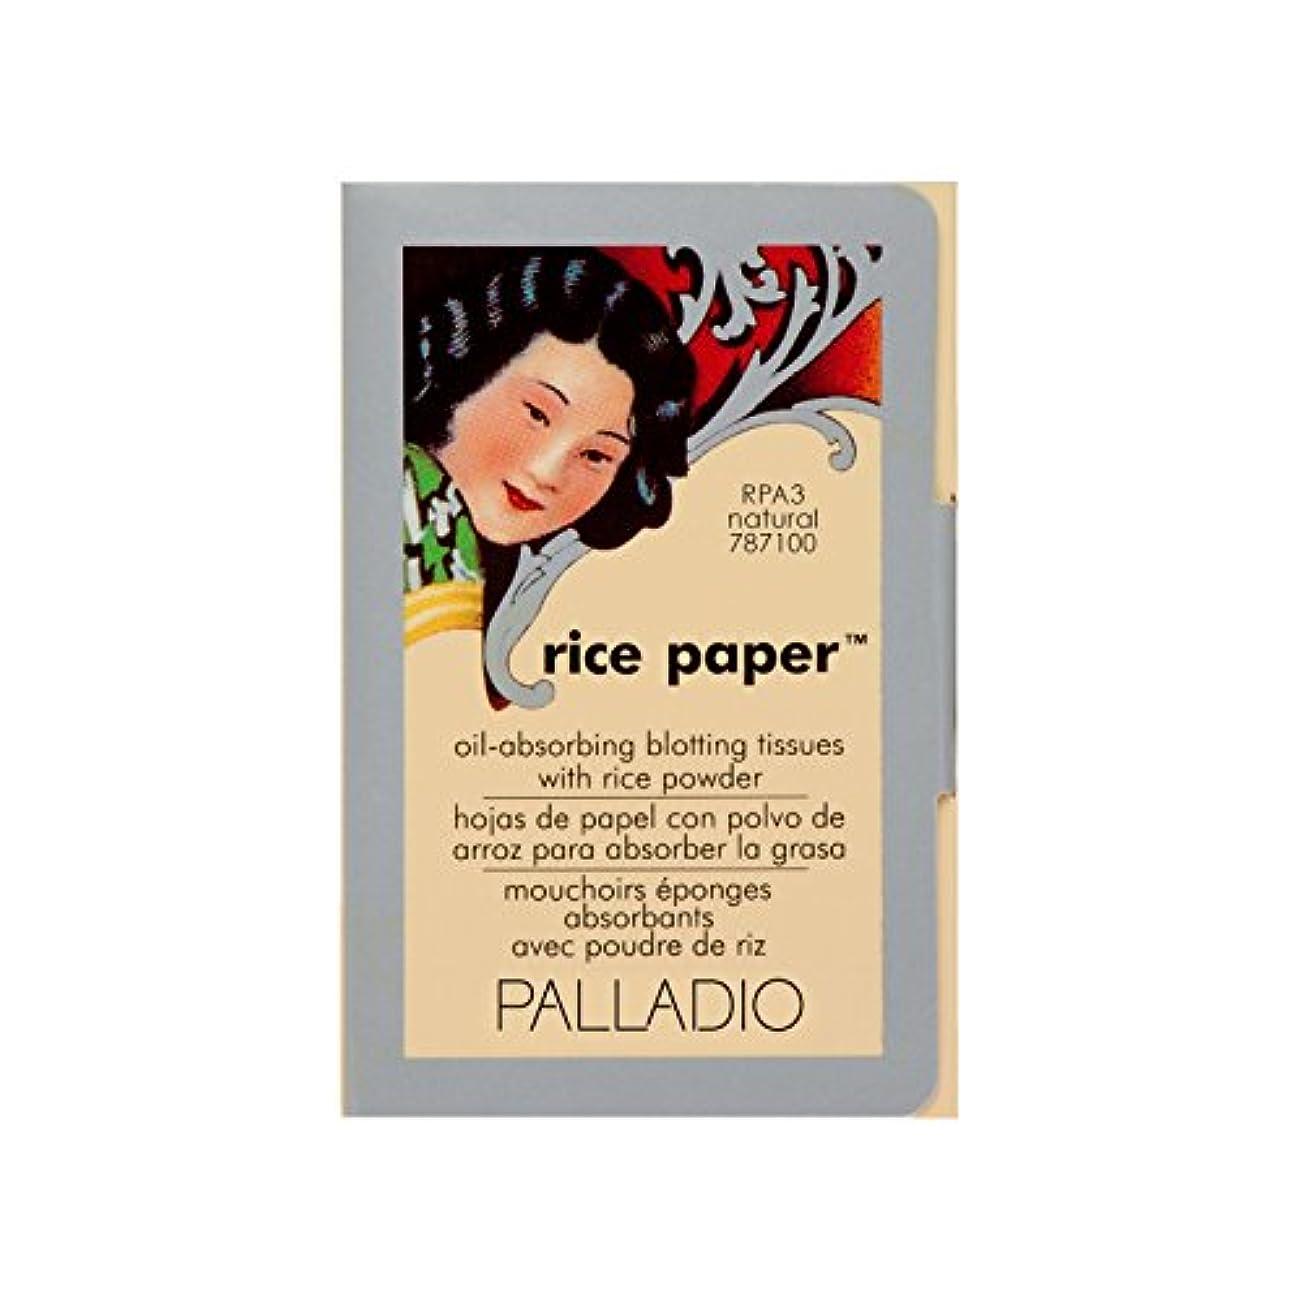 レトルトグレートバリアリーフ赤面Palladio ライスペーパーティッシュ、米粉と顔あぶらとりシートは、オイルを吸収し、肌が新鮮で財布や旅行のための滑らかな、コンパクトなサイズを探し滞在を支援します ナチュラル